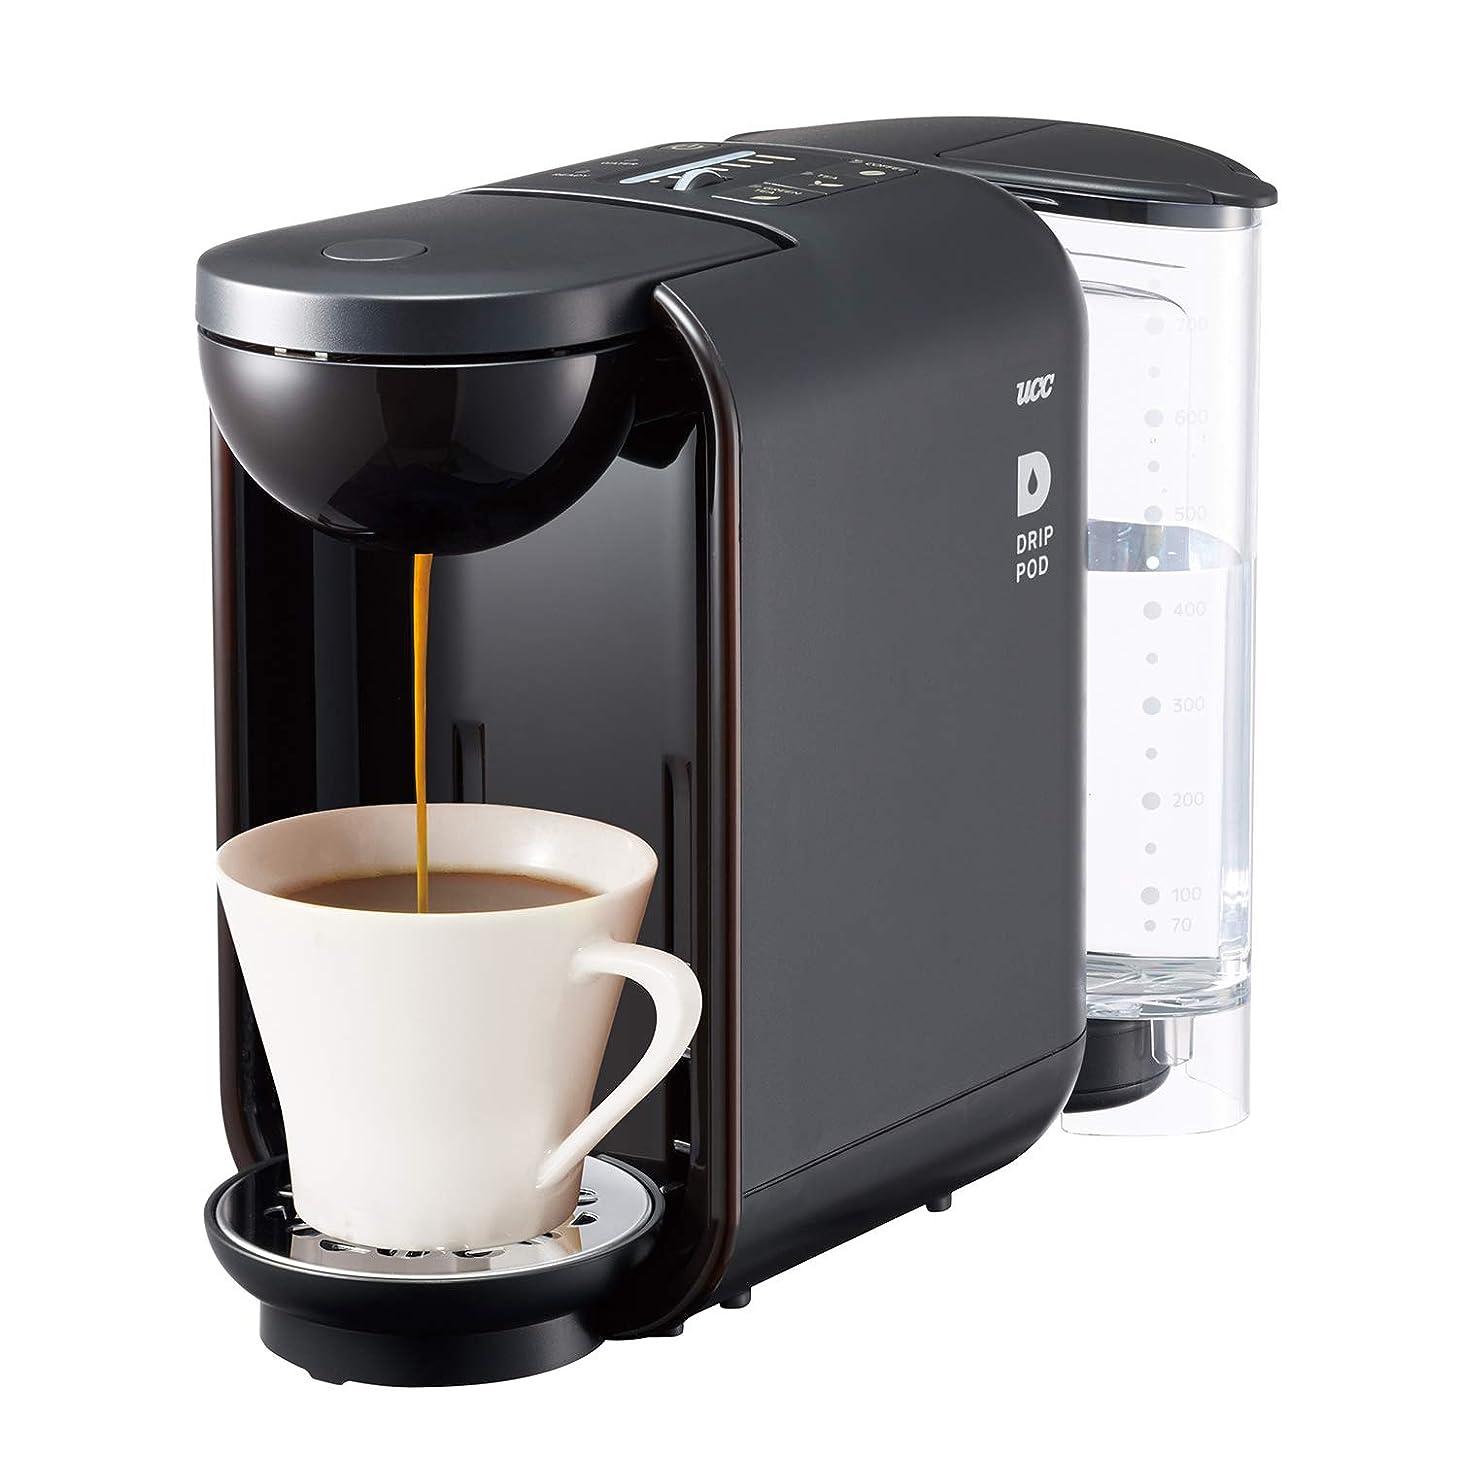 UCC コーヒーメーカー [ドリップポッド] 本格 ドリップコーヒー カプセル式 (ブラック) DP2(K)